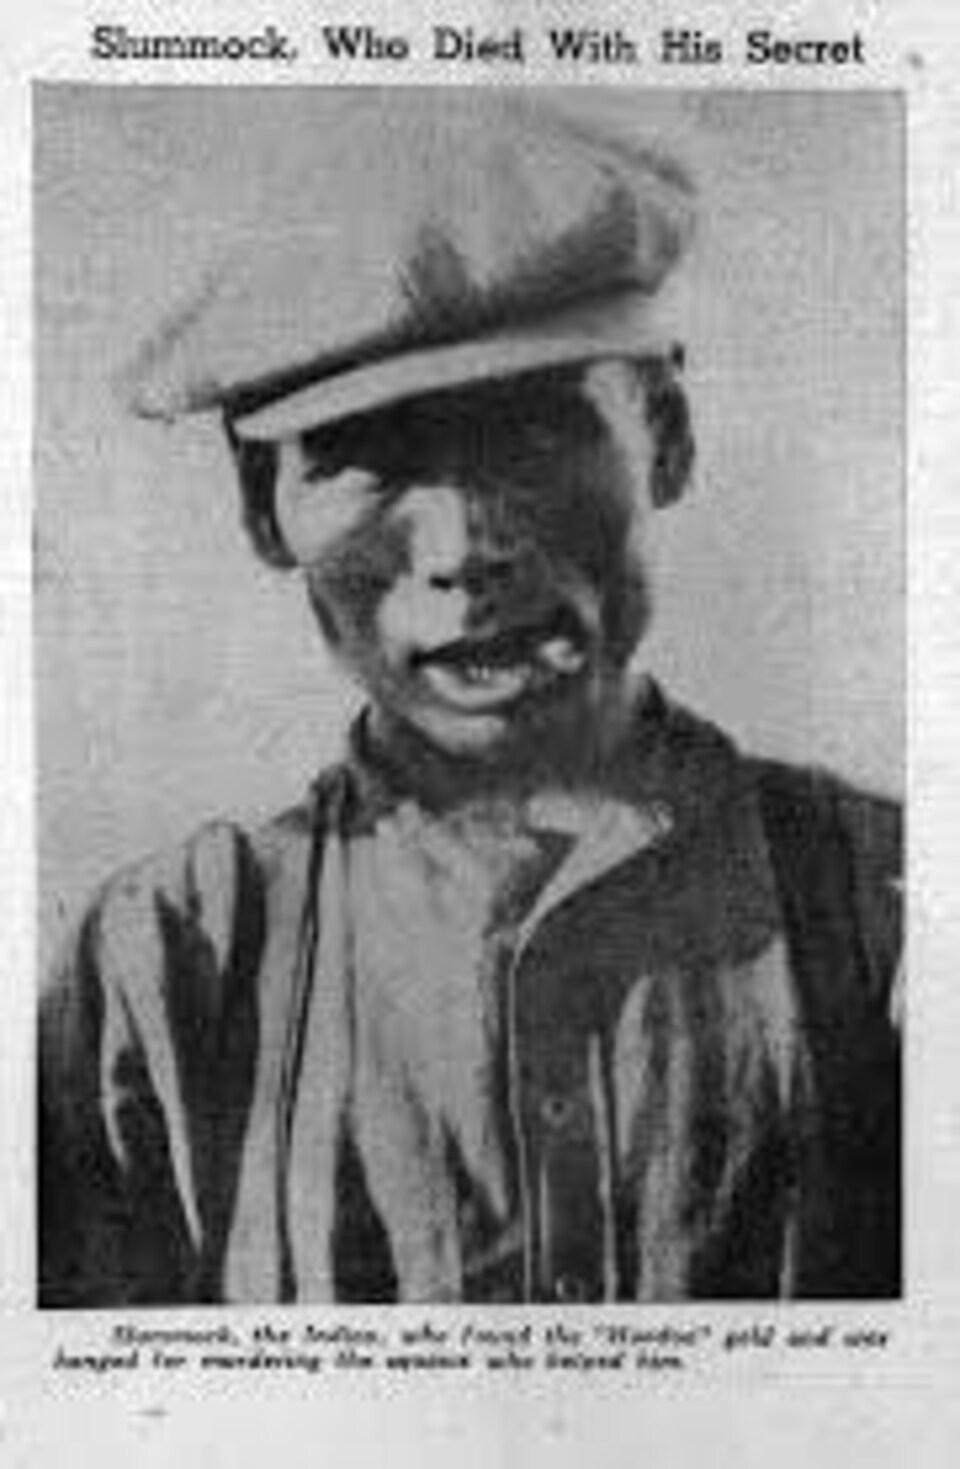 Photo en noir et blanc d'un homme, mégot de cigarette à la bouche.